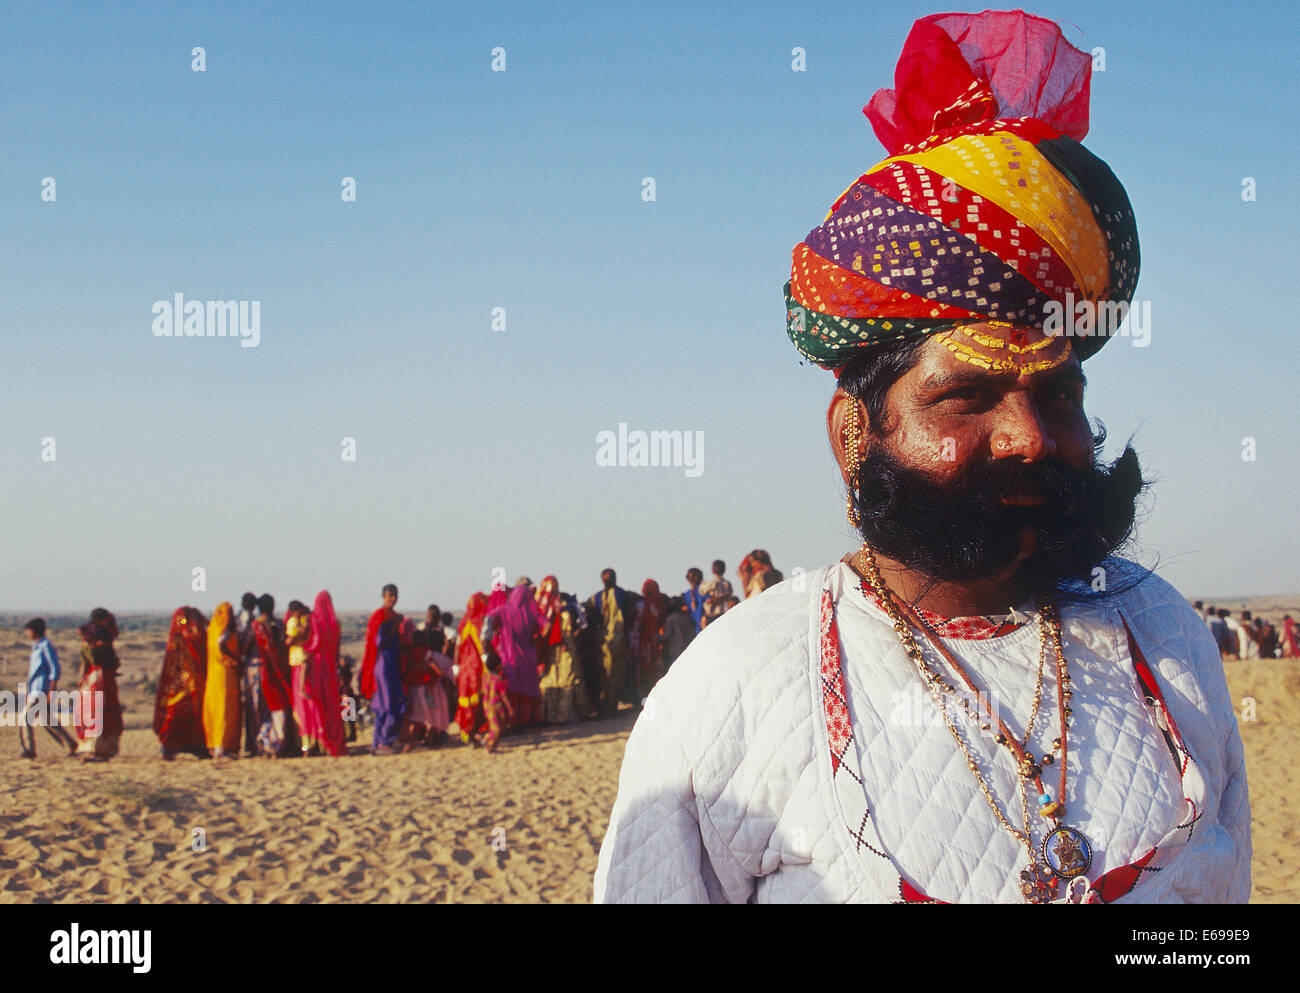 Tradizionalmente vestito uomo indù. Egli appartiene alla classe di Rajput. In background, donne locali sono Immagini Stock